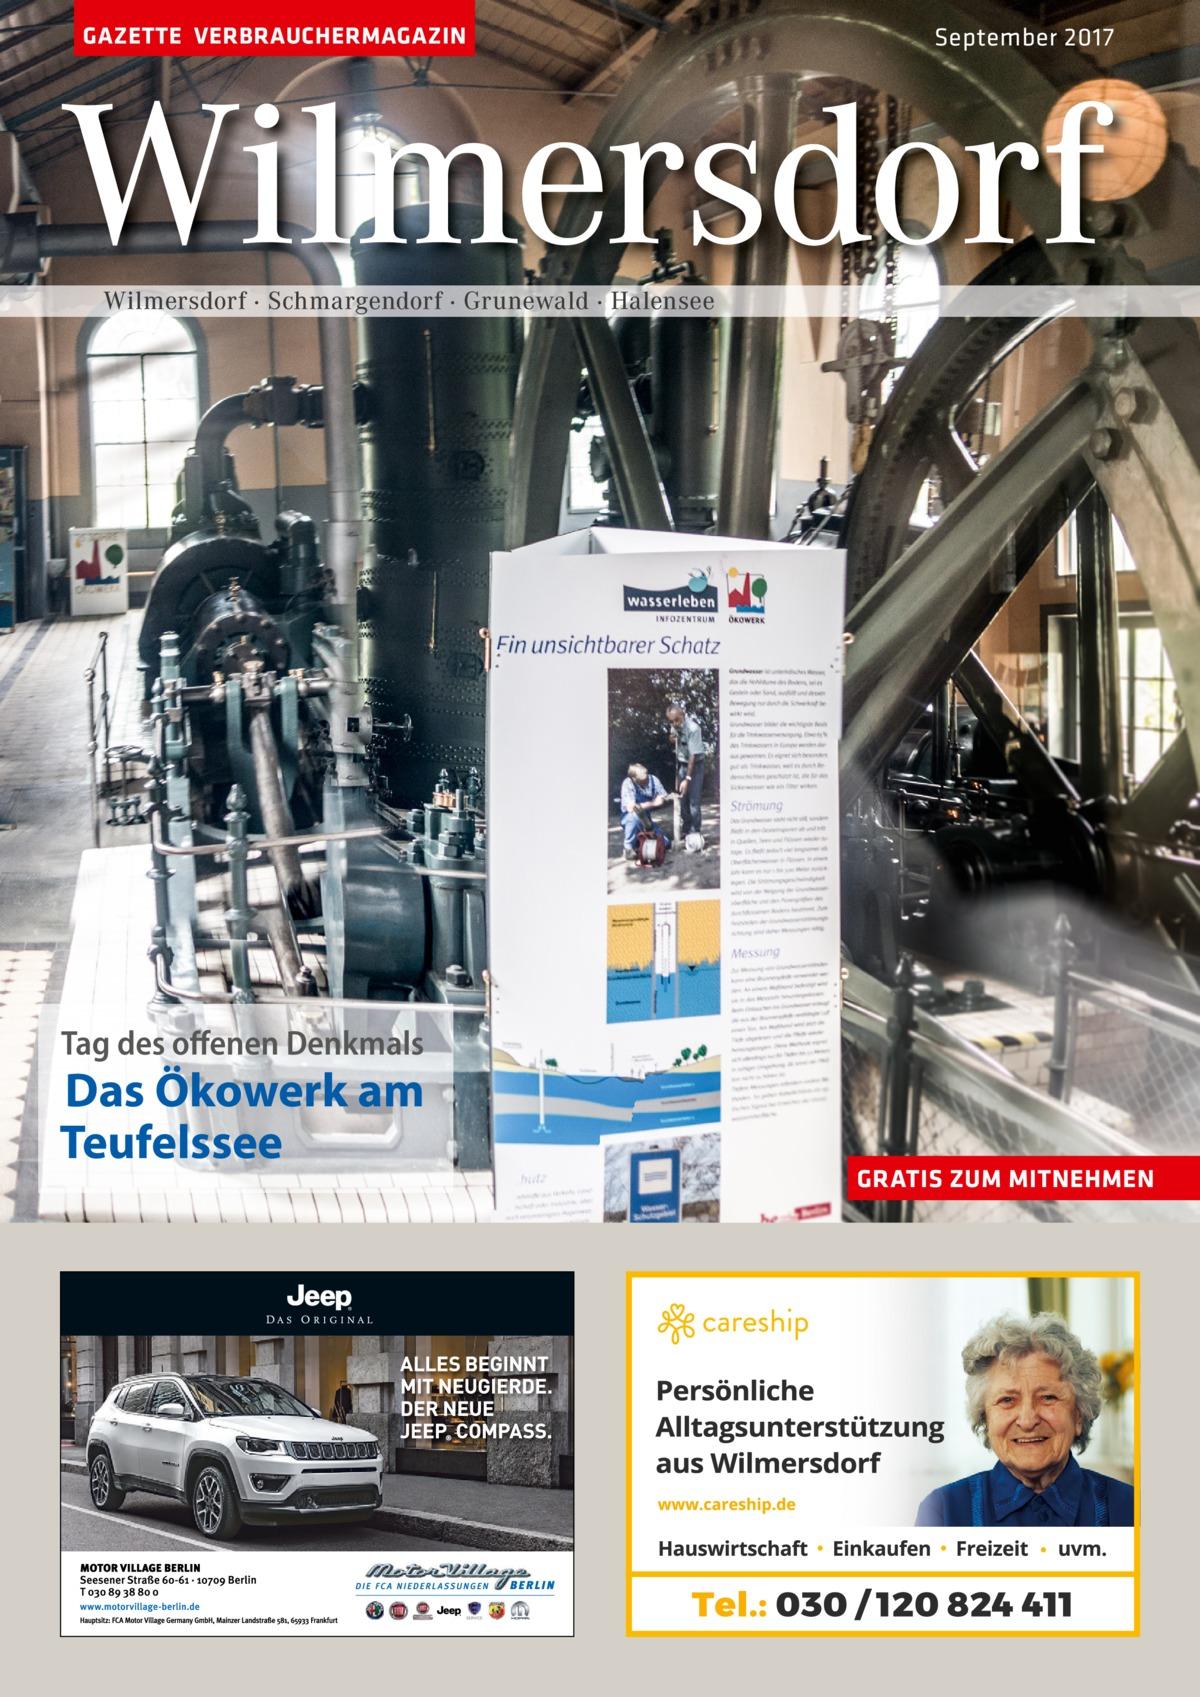 GAZETTE VERBRAUCHERMAGAZIN  September 2017  Wilmersdorf Wilmersdorf · Schmargendorf · Grunewald · Halensee  Tag des offenen Denkmals  Das Ökowerk am Teufelssee  GRATIS ZUM MITNEHMEN